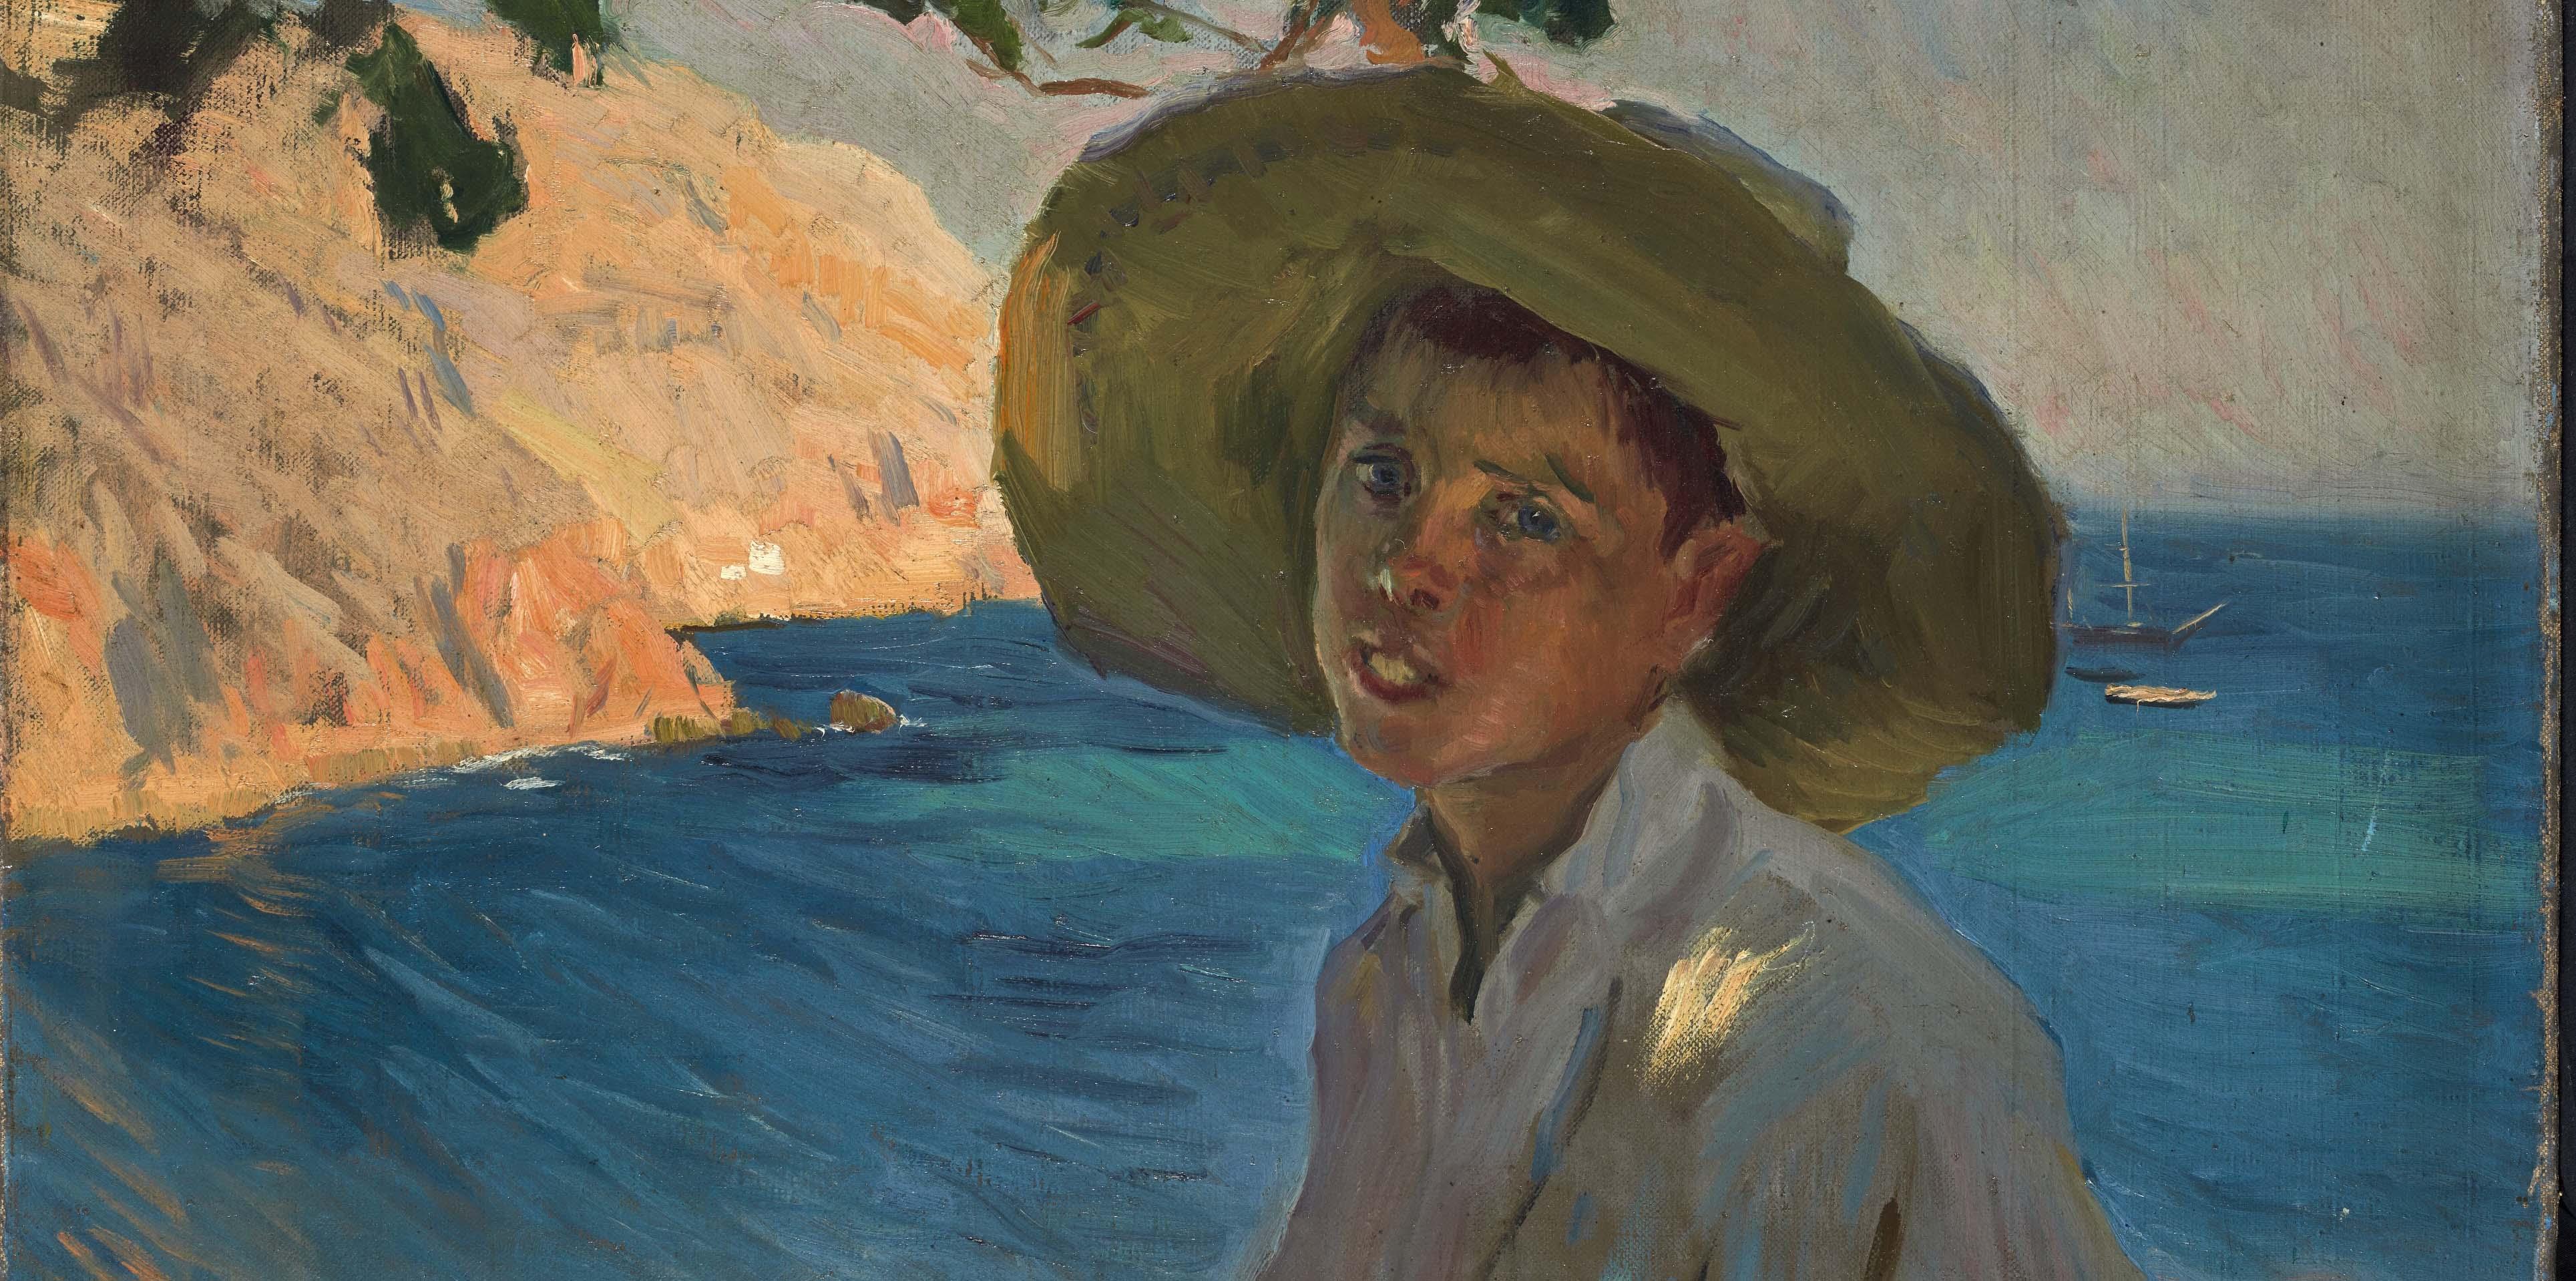 Galería Jorge Alcolea. Joaquín Sorolla. 'Chico con sombrero, Jávea'.